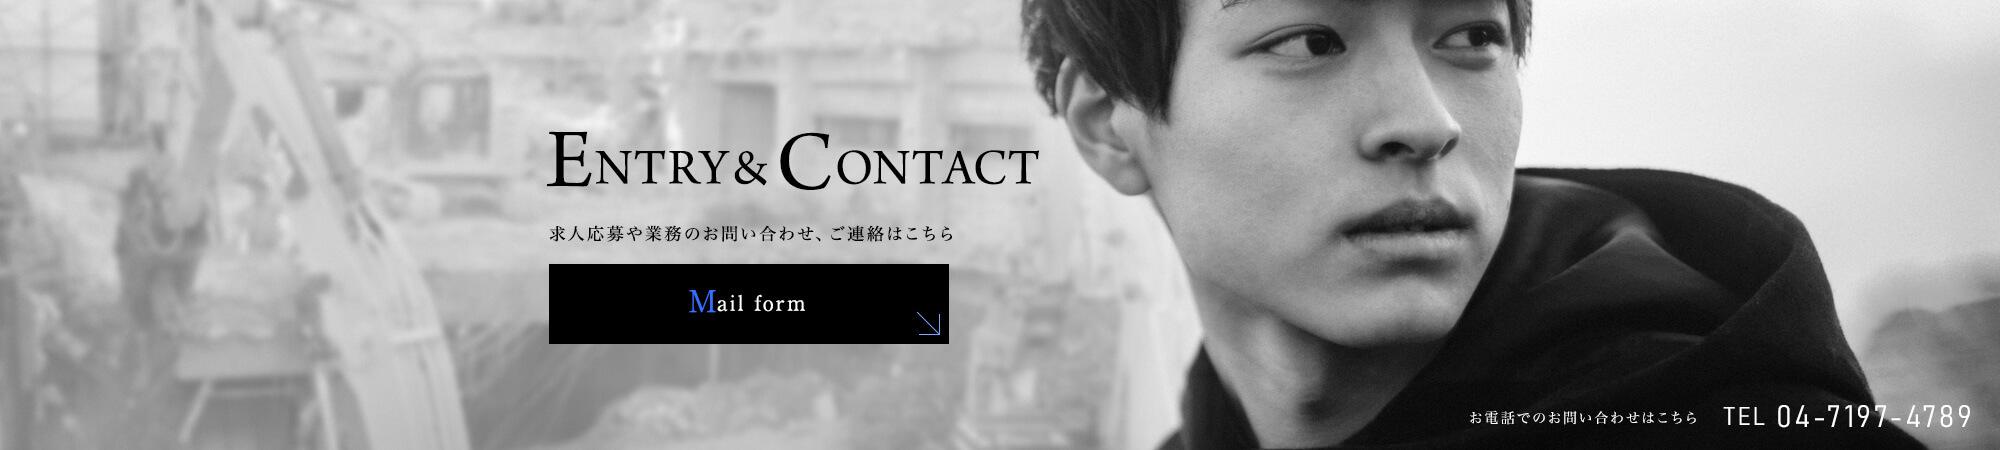 ENTRY&CONTACT 求人応募やお問い合わせ、ご連絡はこちら